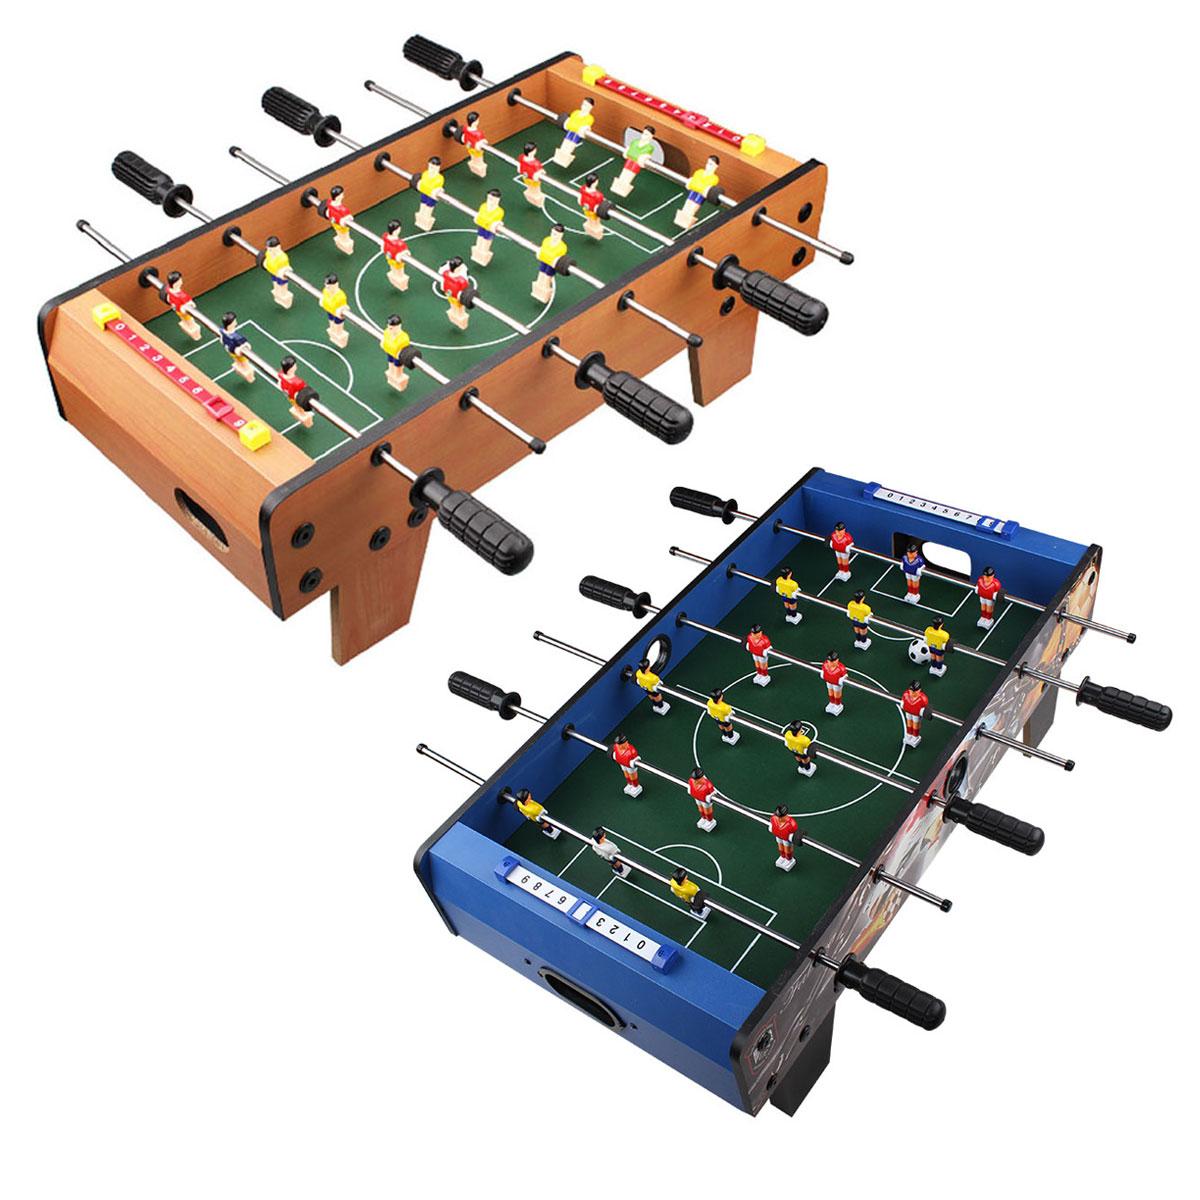 Luwint包邮6杆4杆足球桌小型家用桌式足球游戏玩具儿童桌上足球机